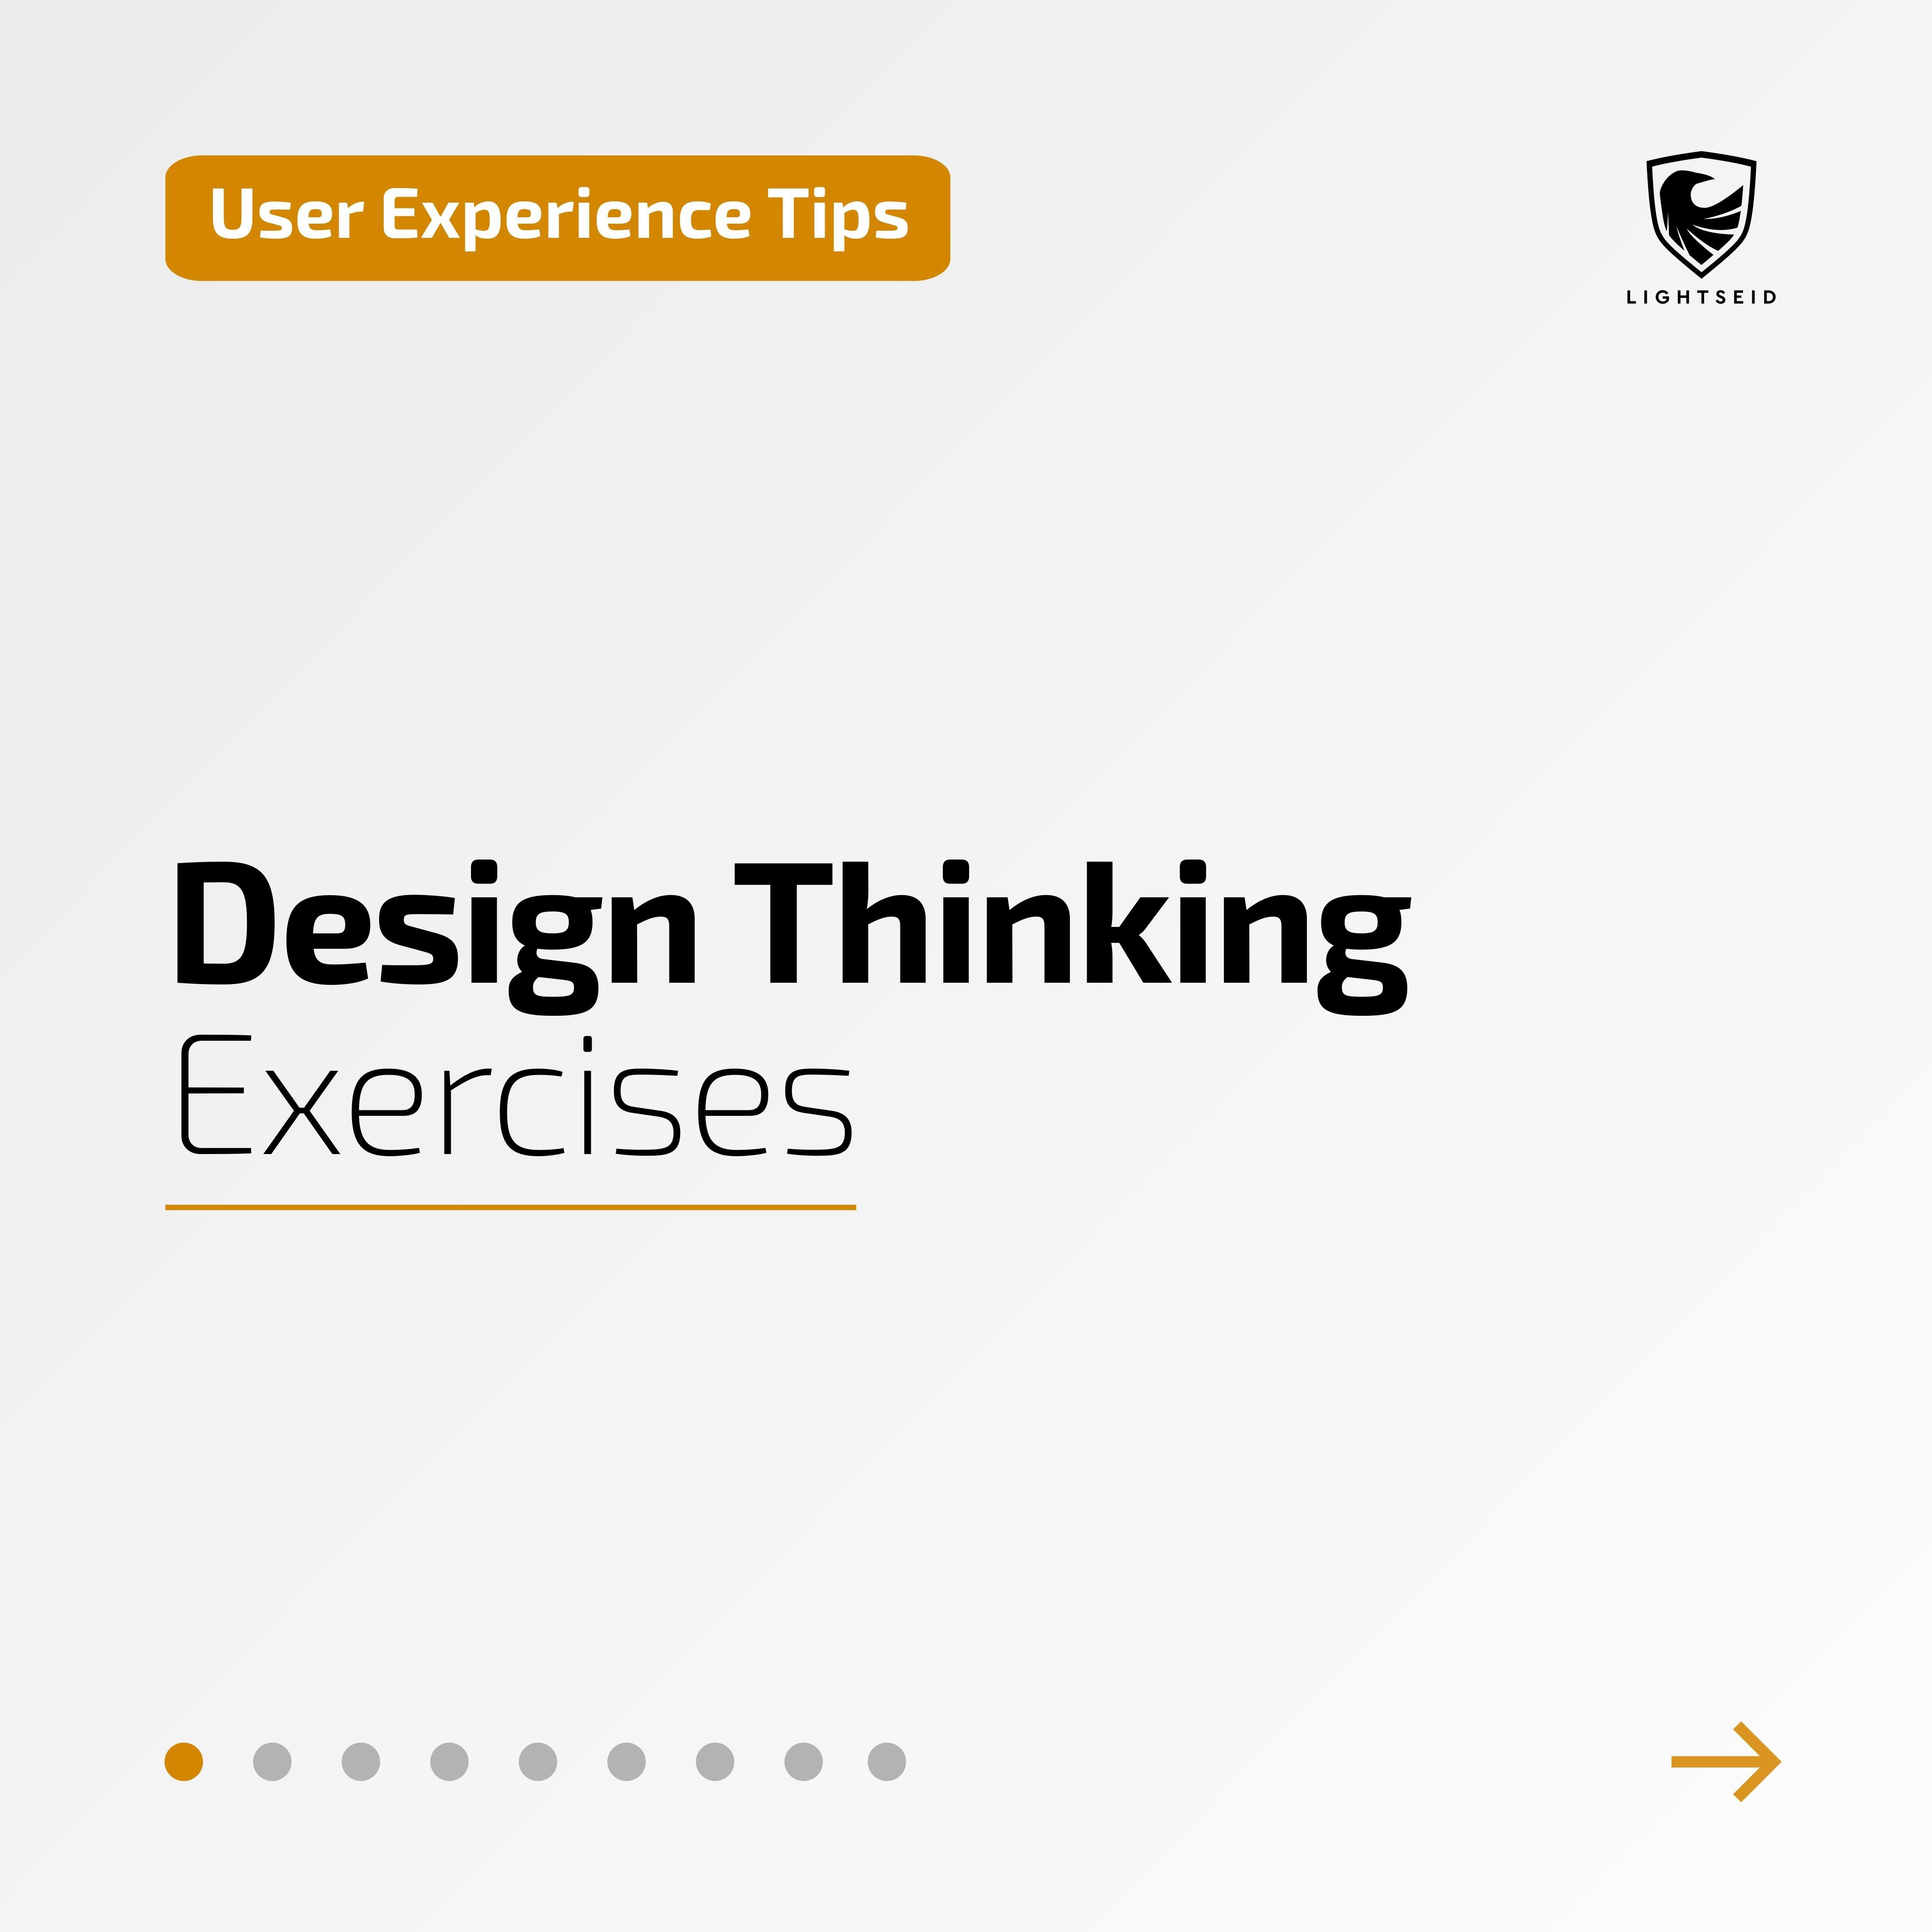 Design Thinking Exercises